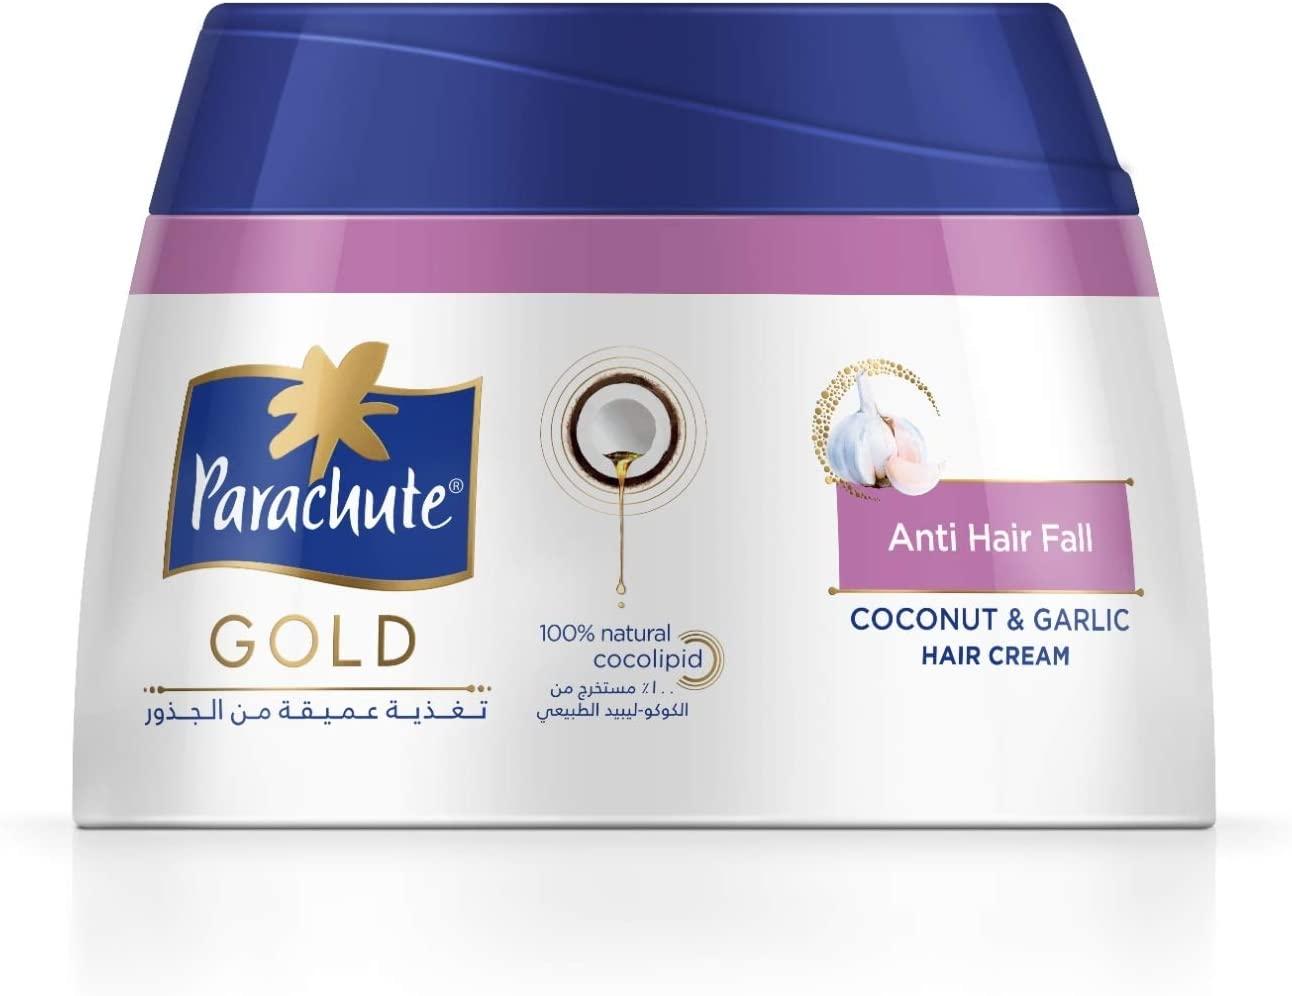 Parachute Gold Coconut & Garlic Hair Cream 140ml(pack of 3) -Anti Hair Fall